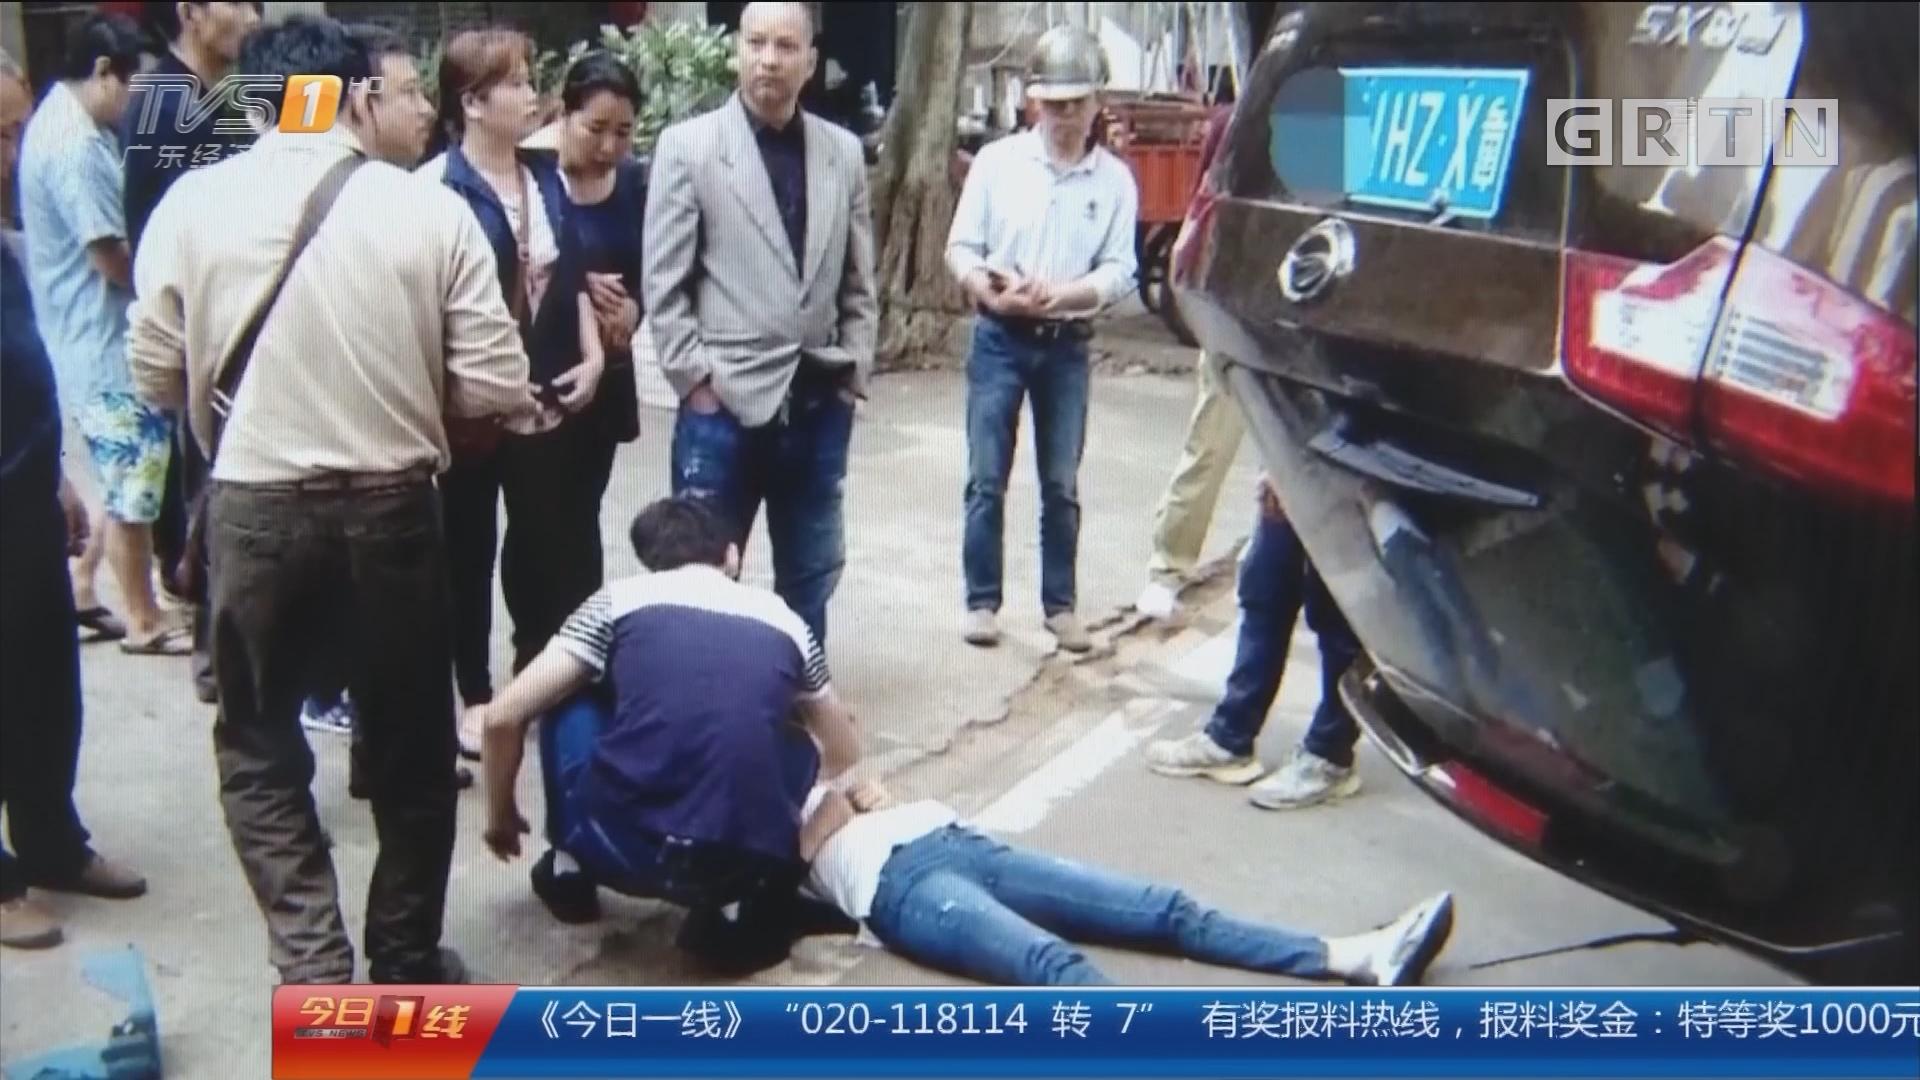 顺德:SUV先撞树再撞单车 有小孩困车内